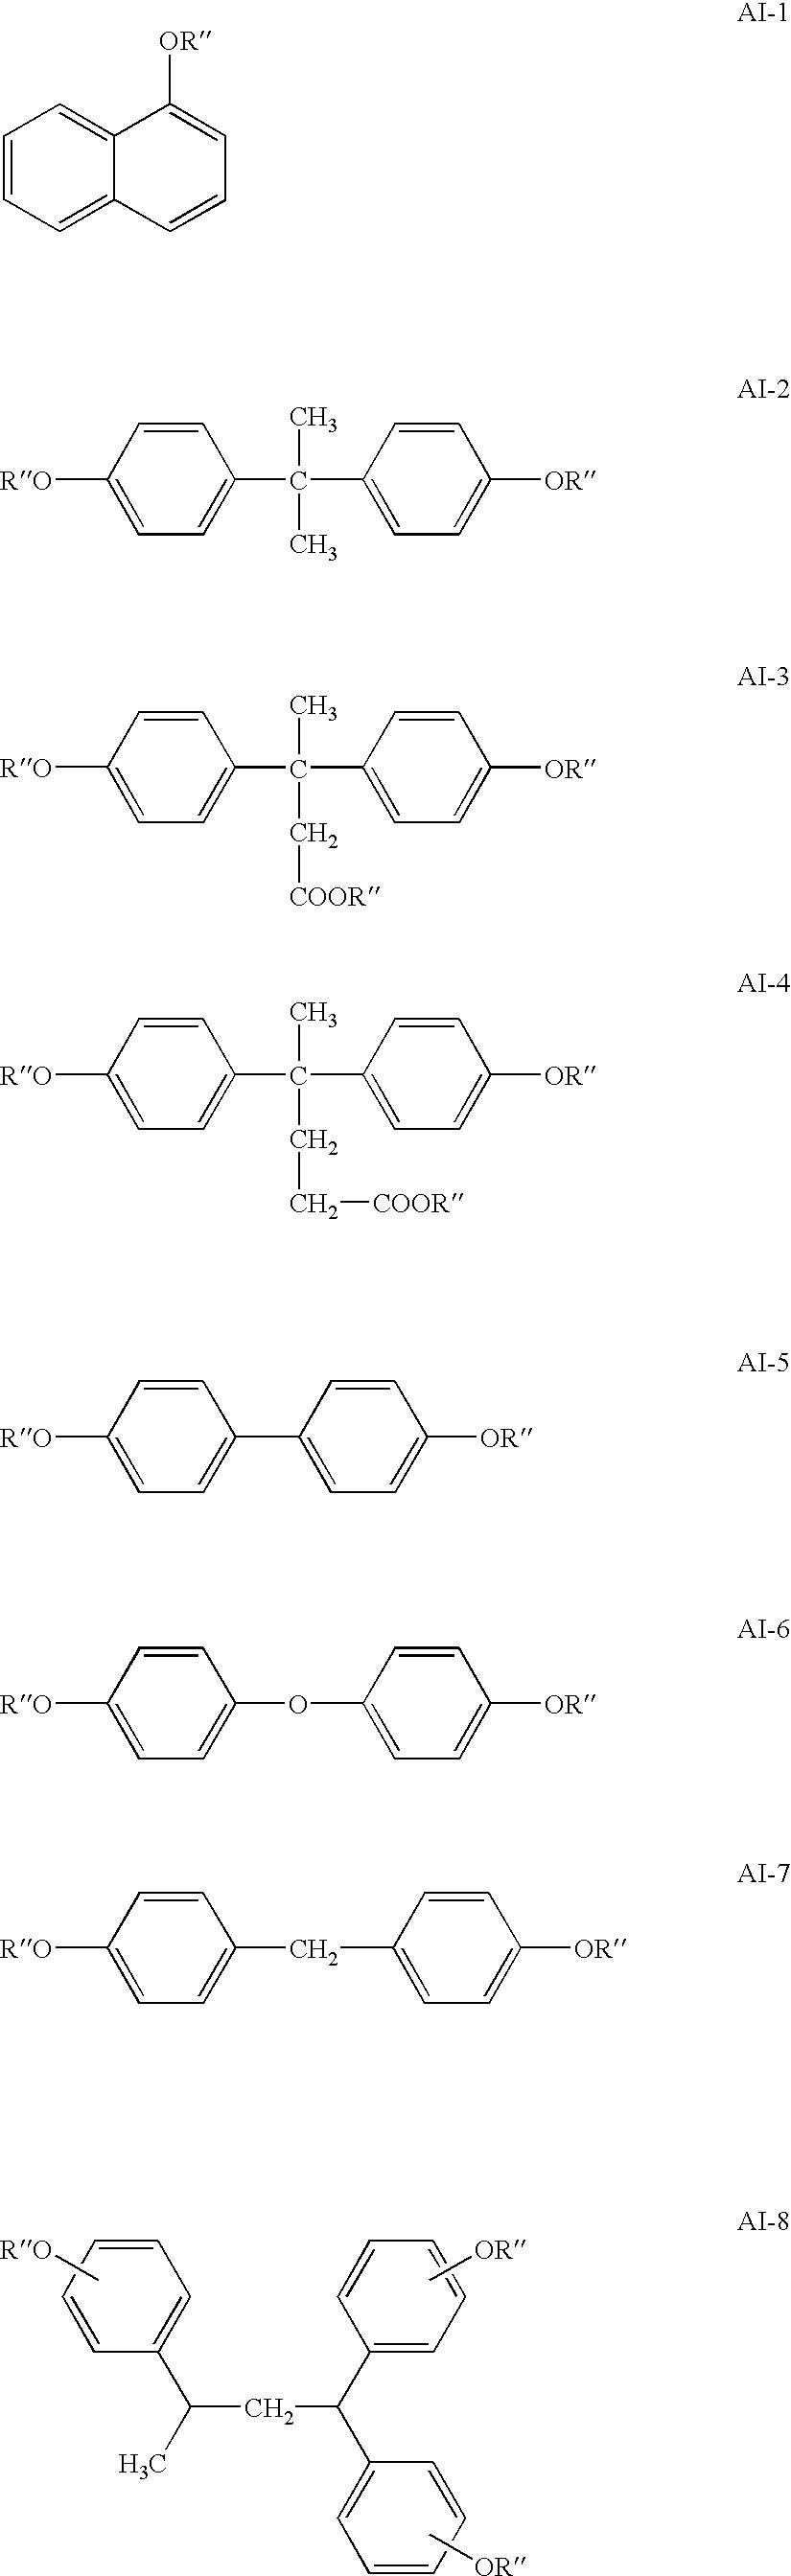 Figure US20030113659A1-20030619-C00033